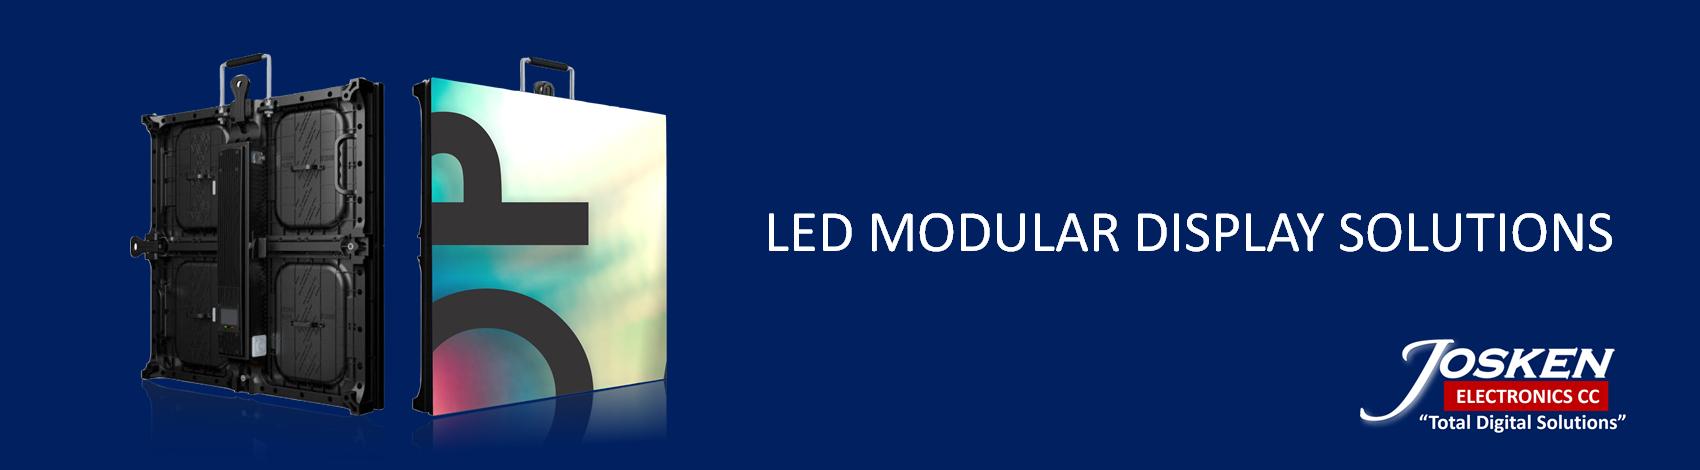 LED MODULAR DSIPLAY BANNER